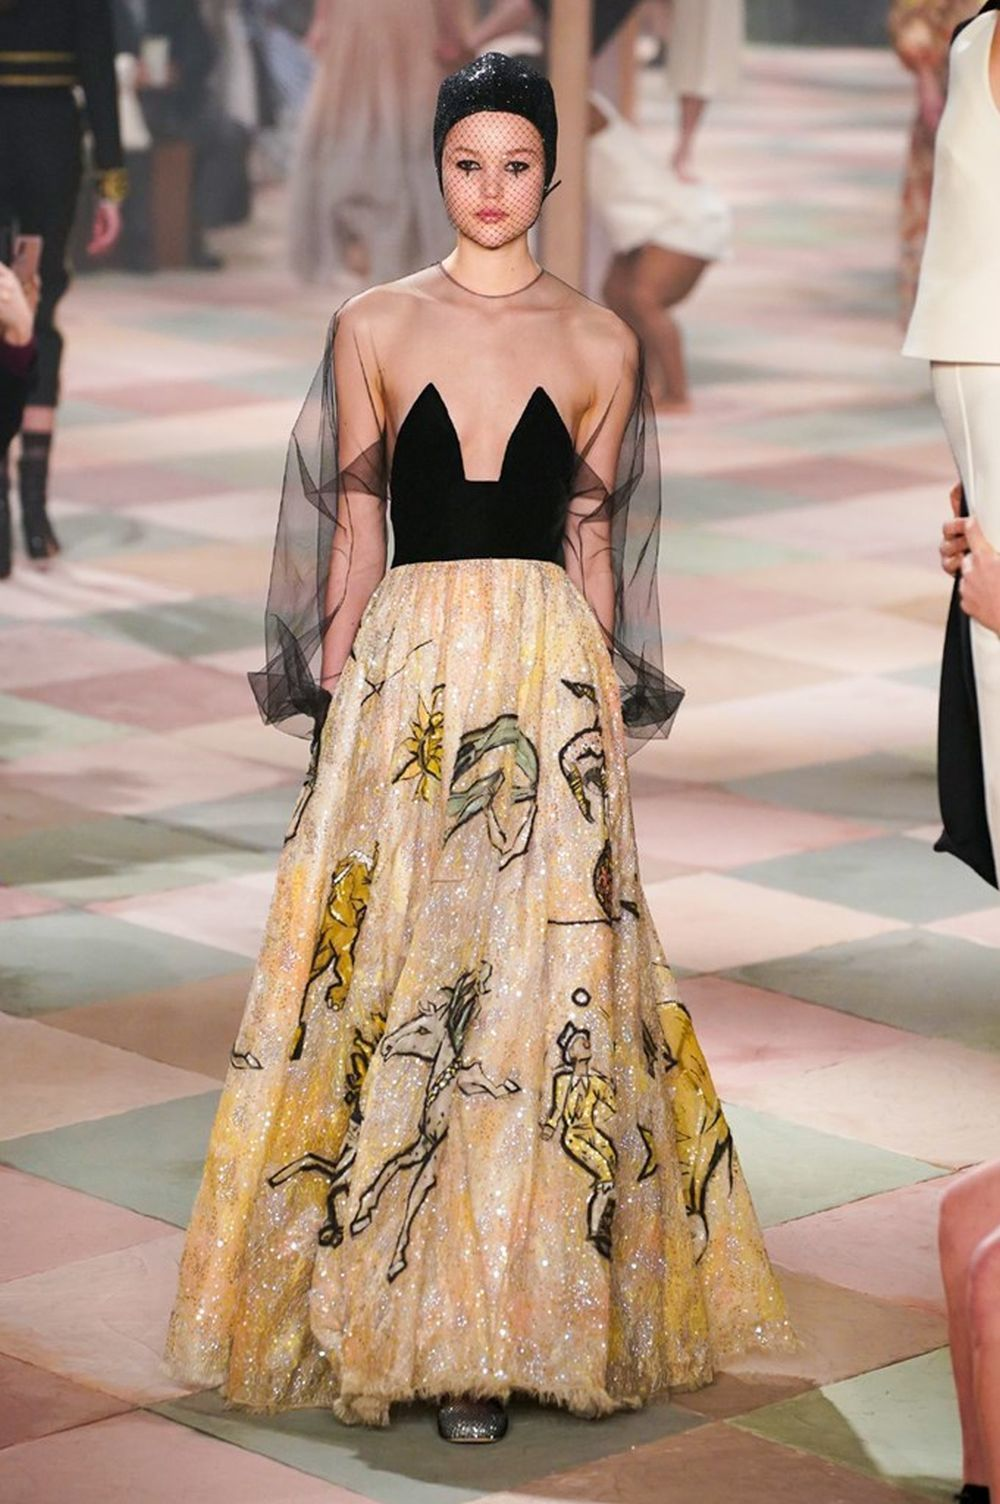 La modelo con el vestido estrella del desfile de Dior